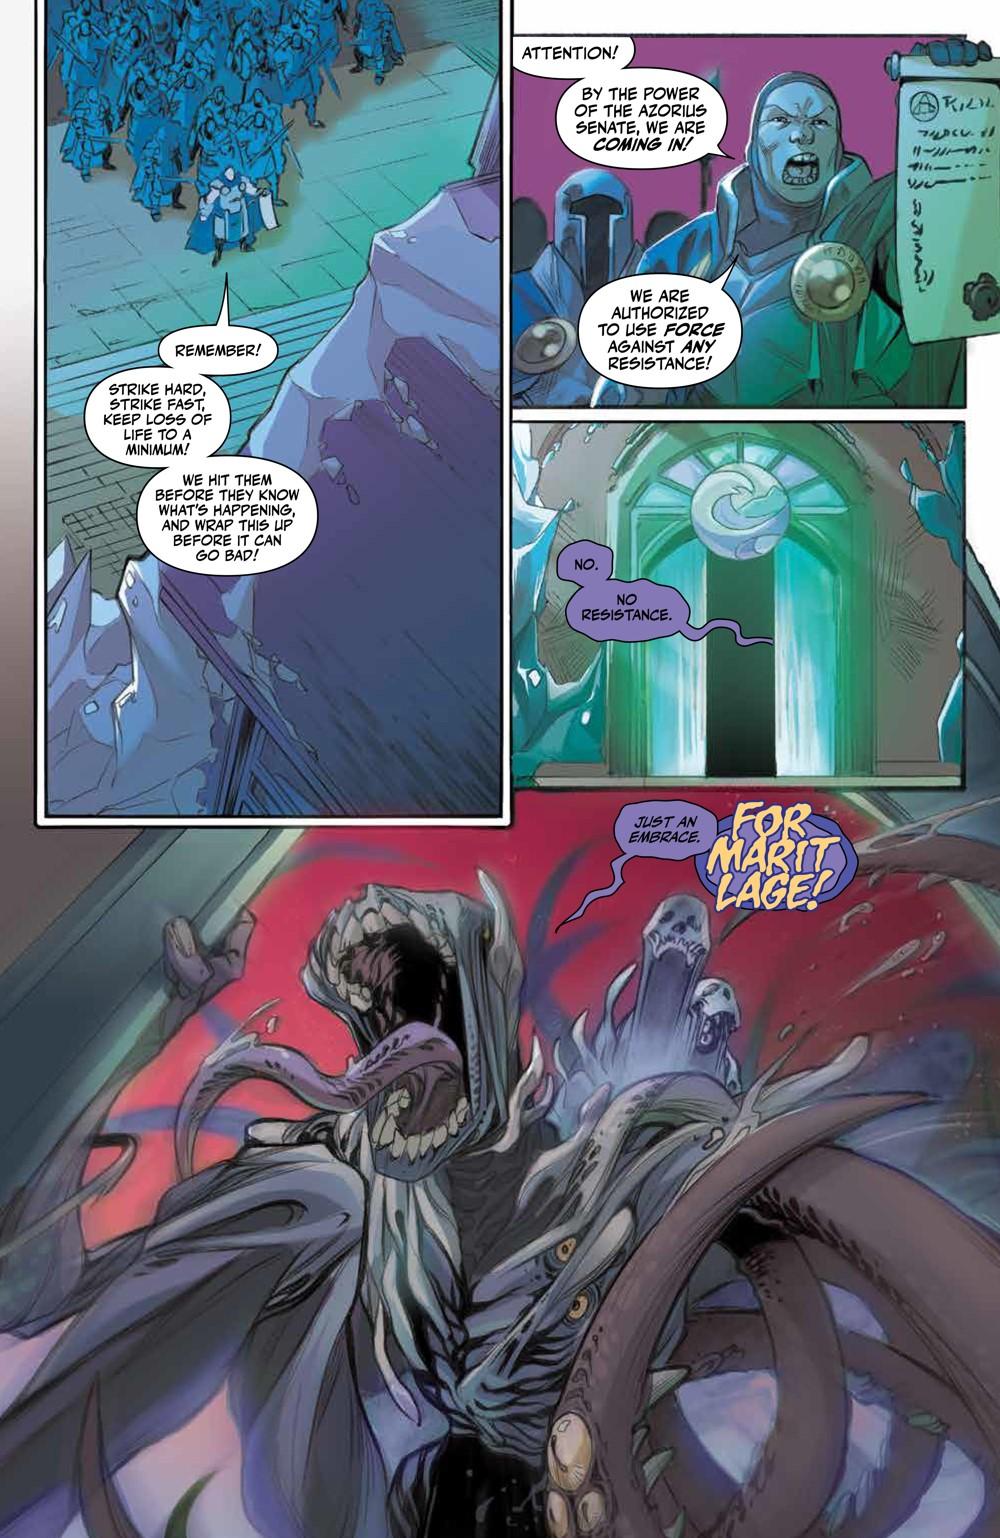 Magic_007_PRESS_8 ComicList Previews: MAGIC #7